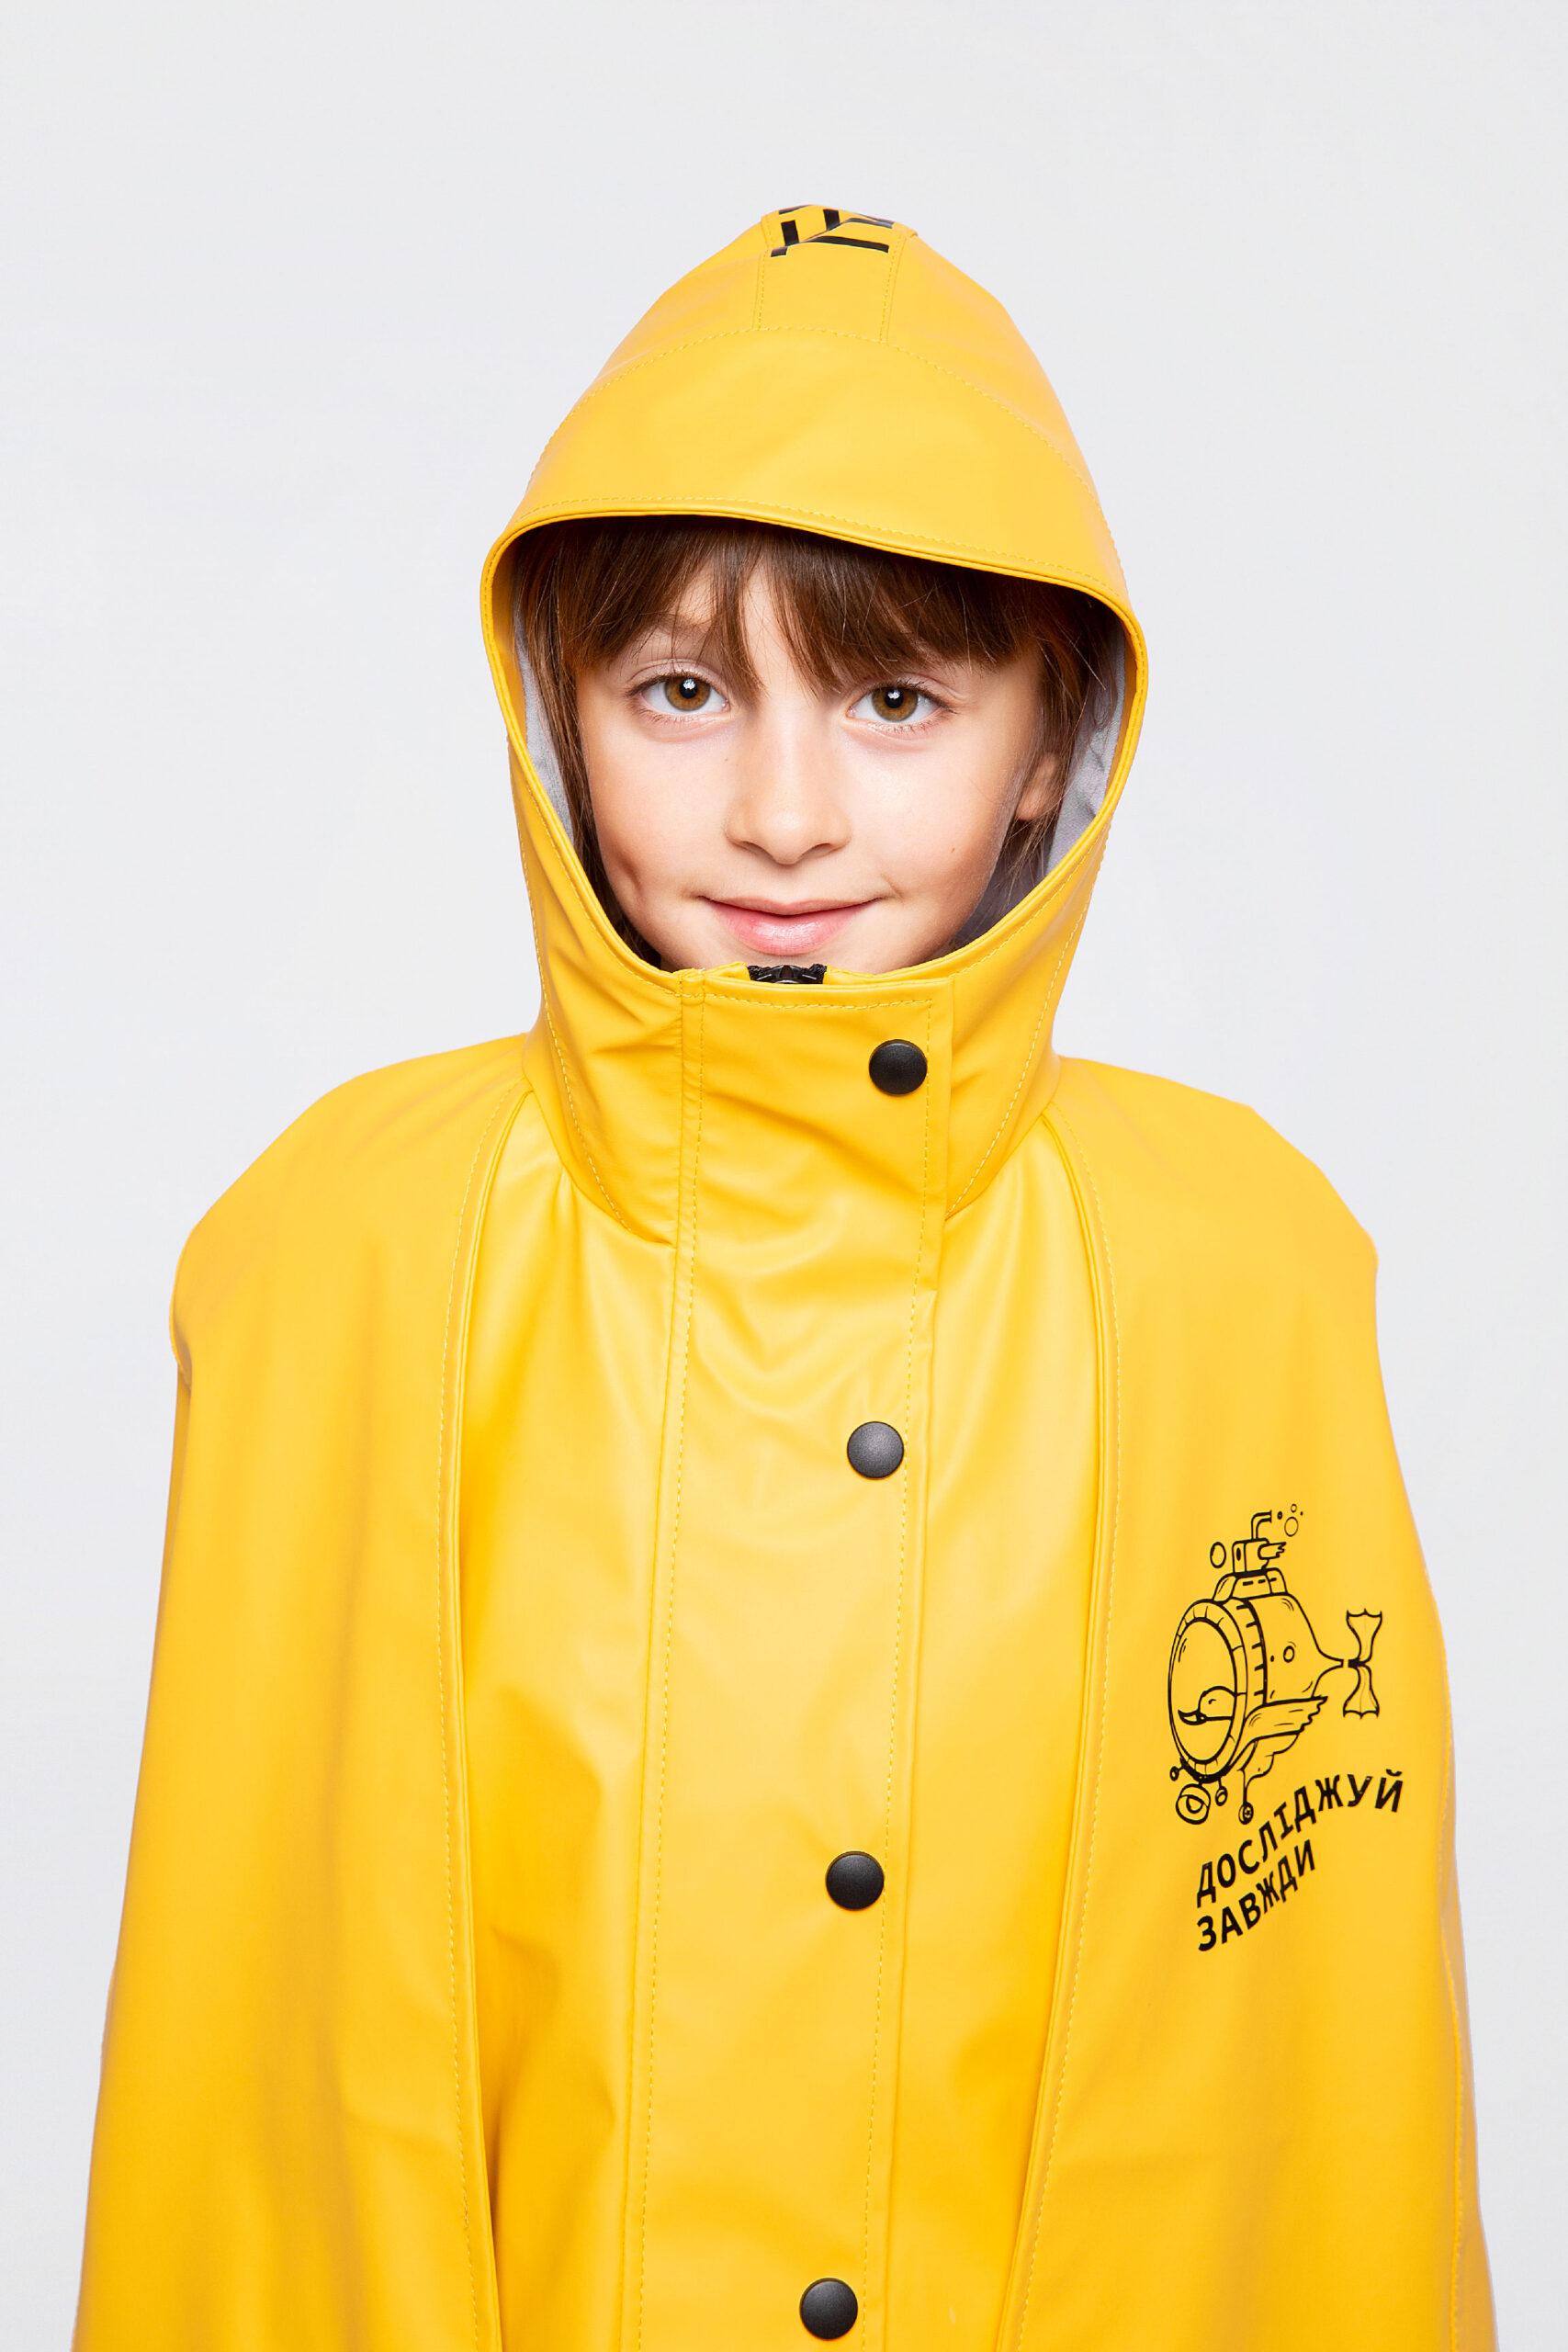 Дитячий Дощовик-Пончо Гідроплан. Колір жовтий. .